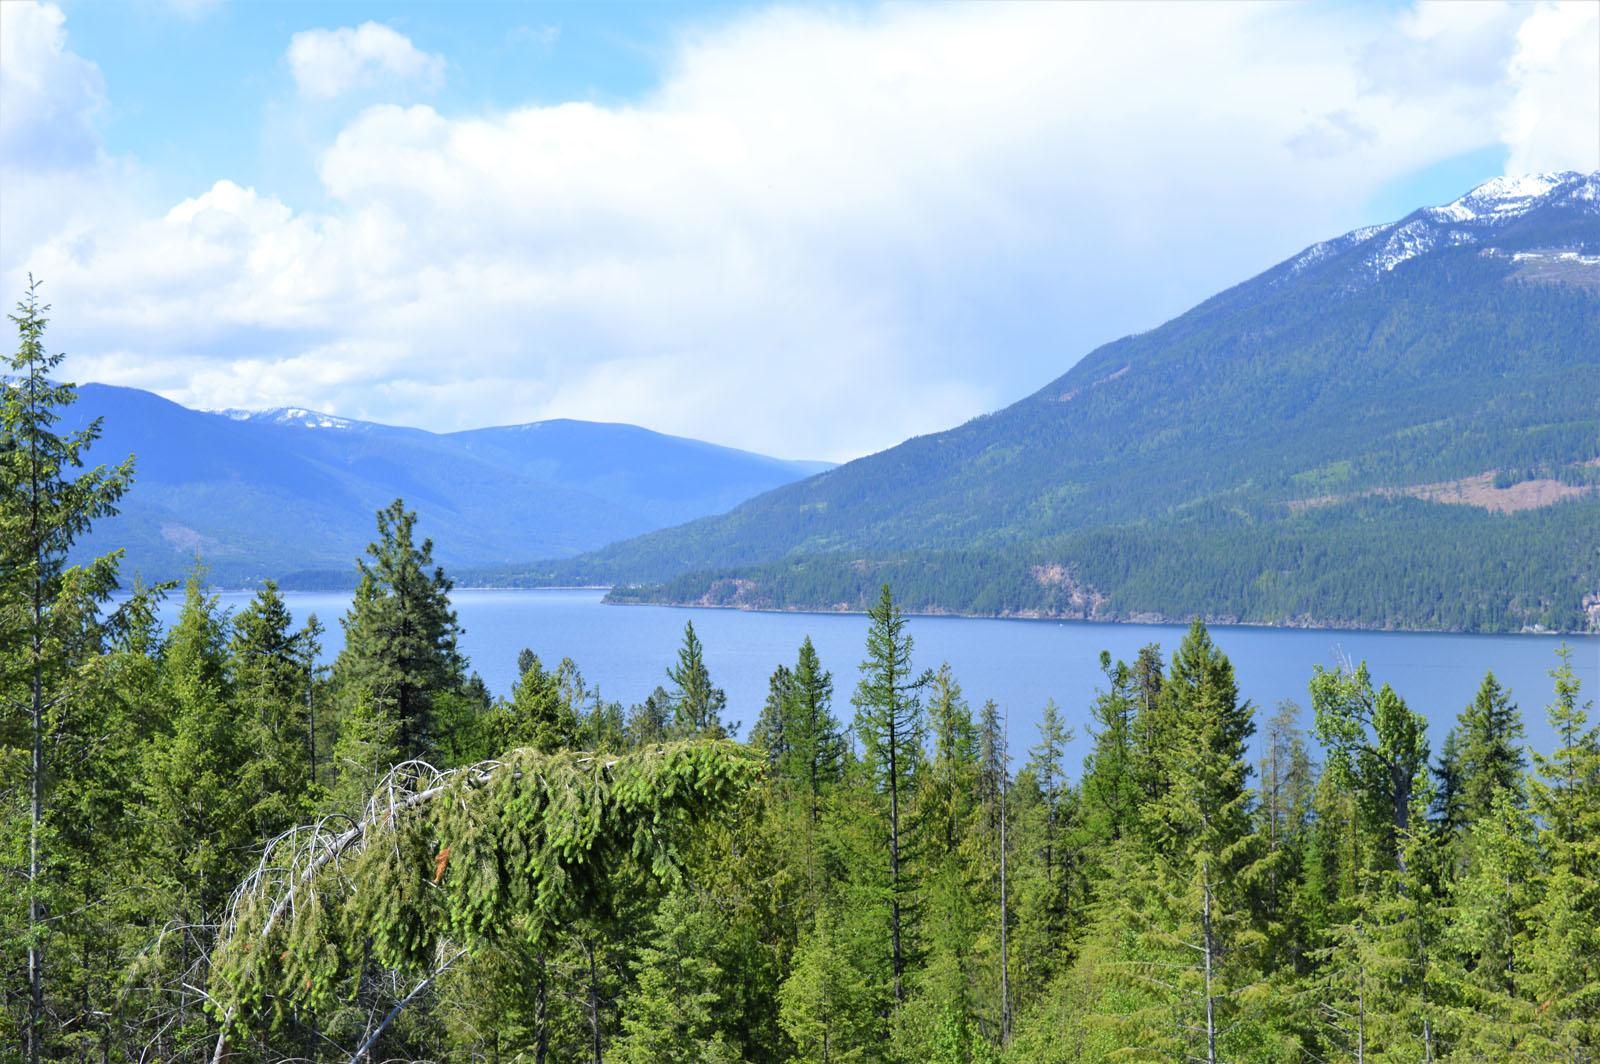 Kootenay lake 01